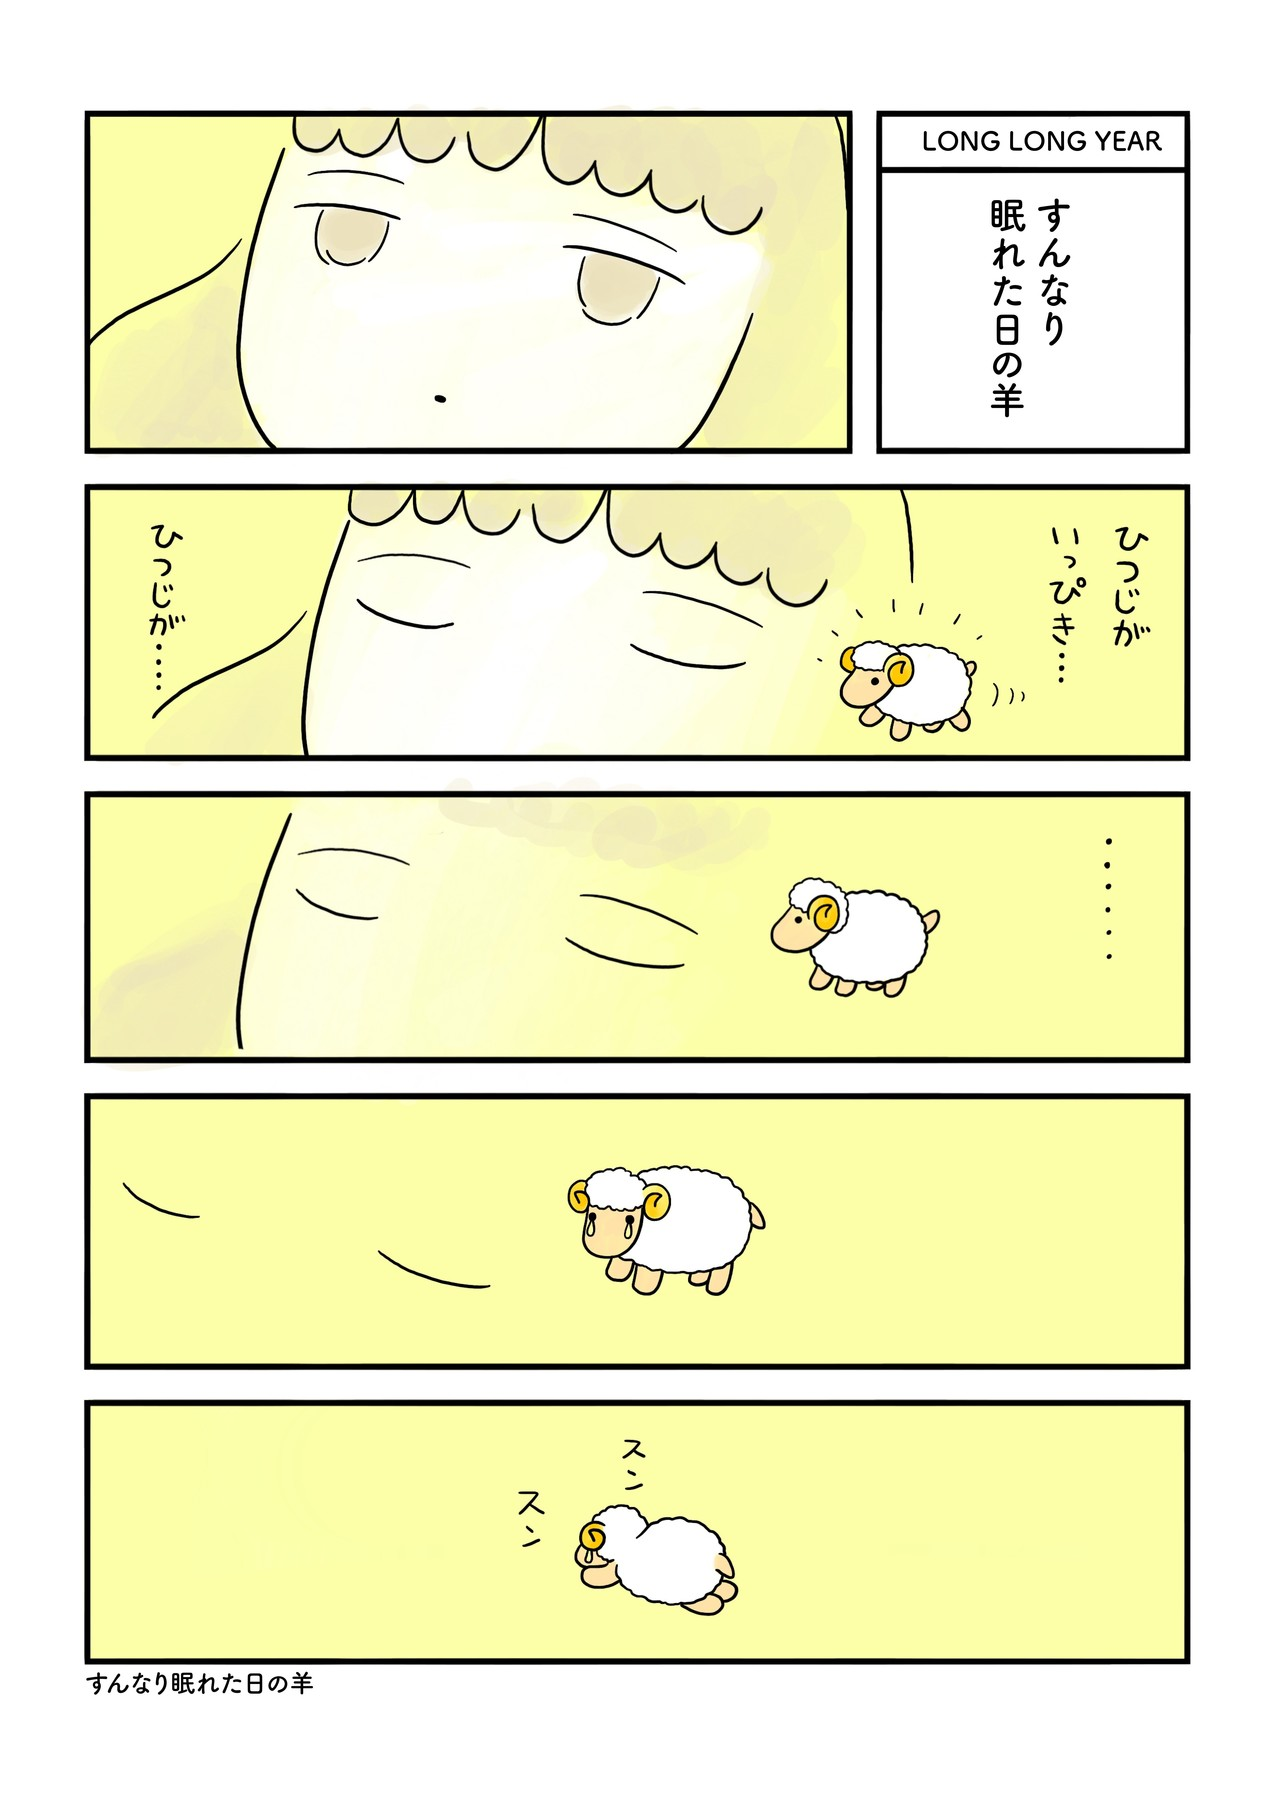 すんなり眠れた日の羊